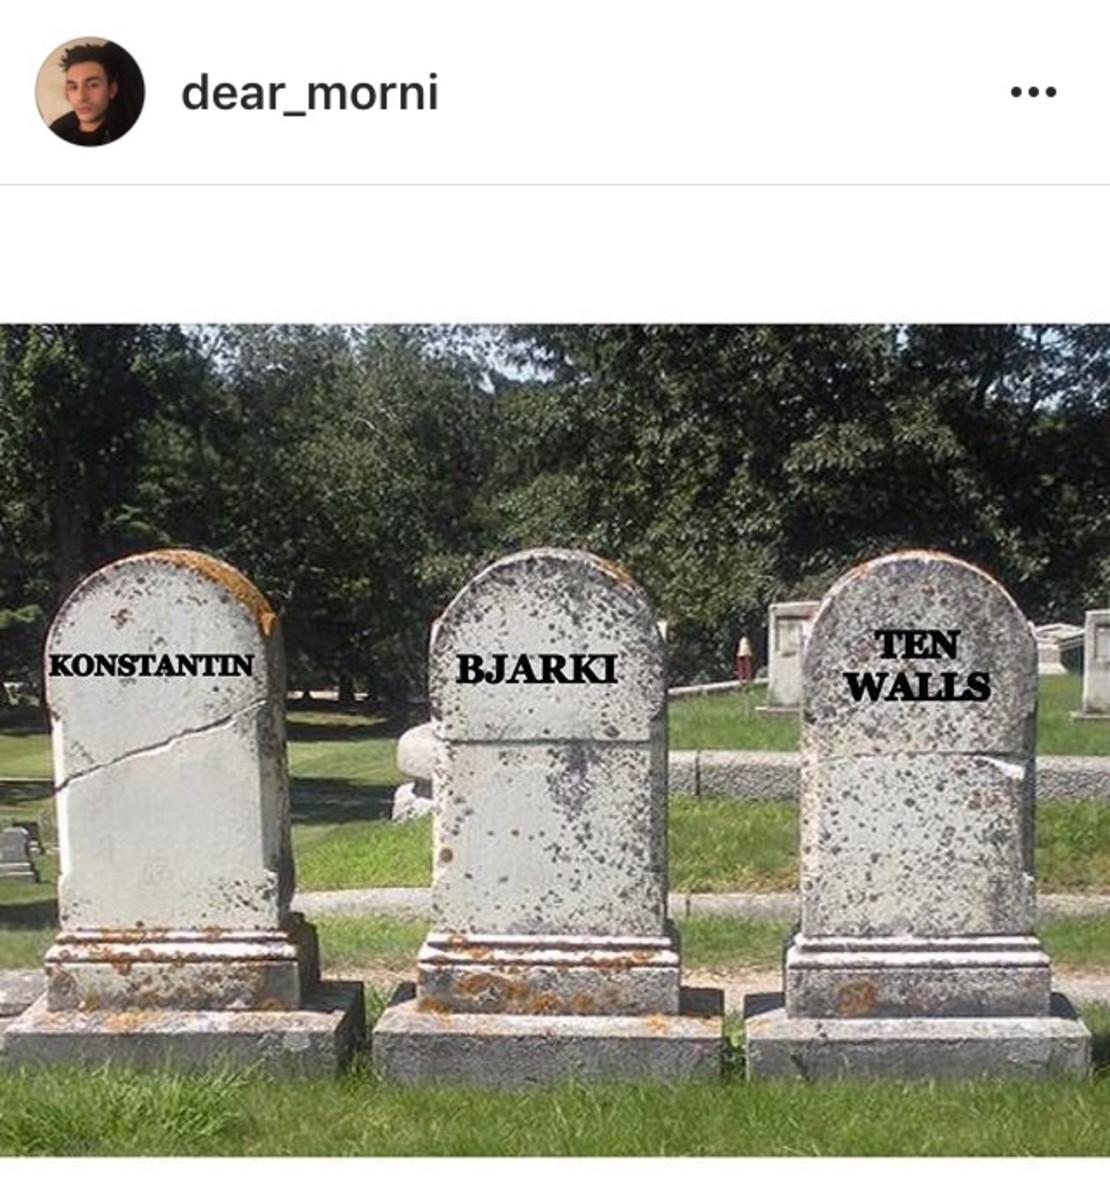 Konstantin Bjarki Ten Walls tombstones